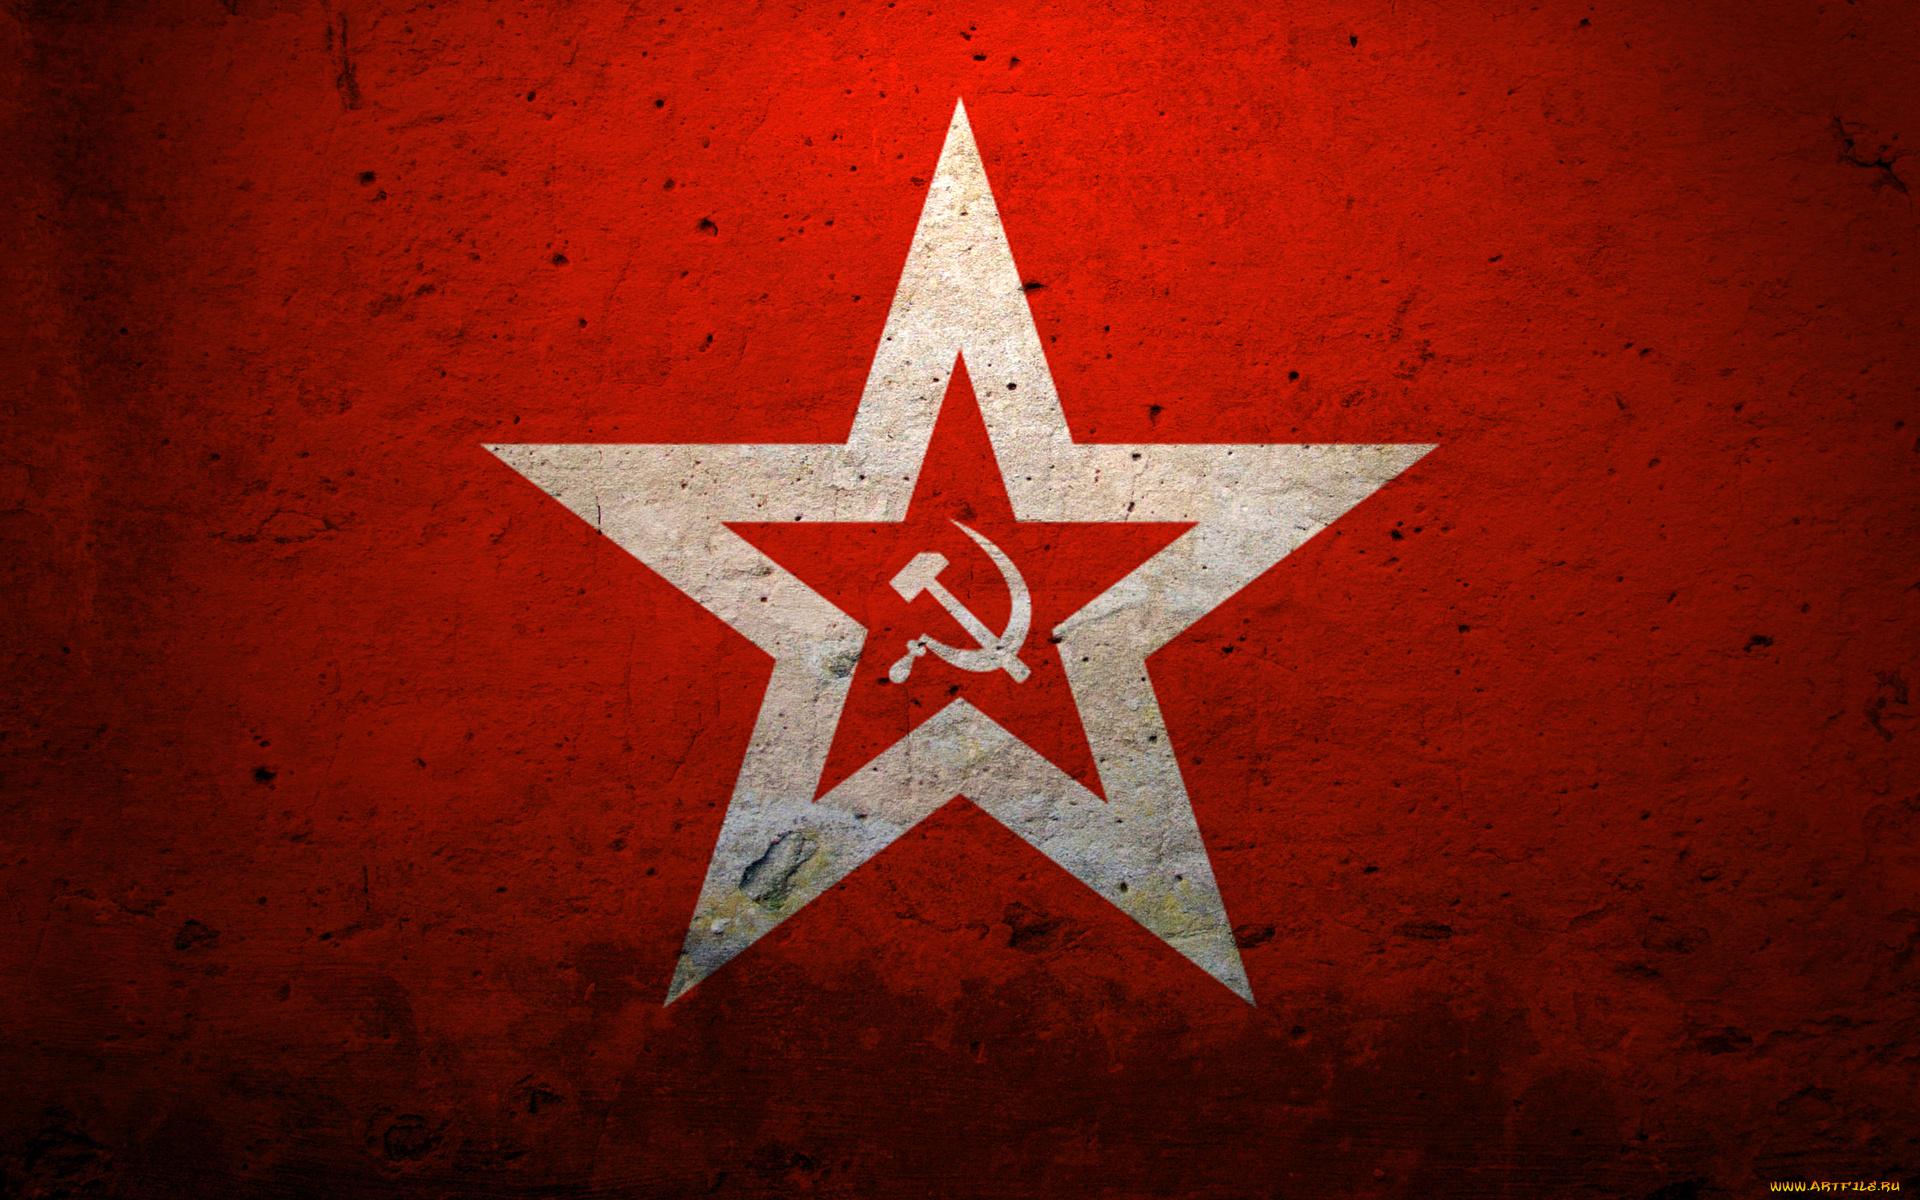 Открытка для, картинка армия россии со звездой